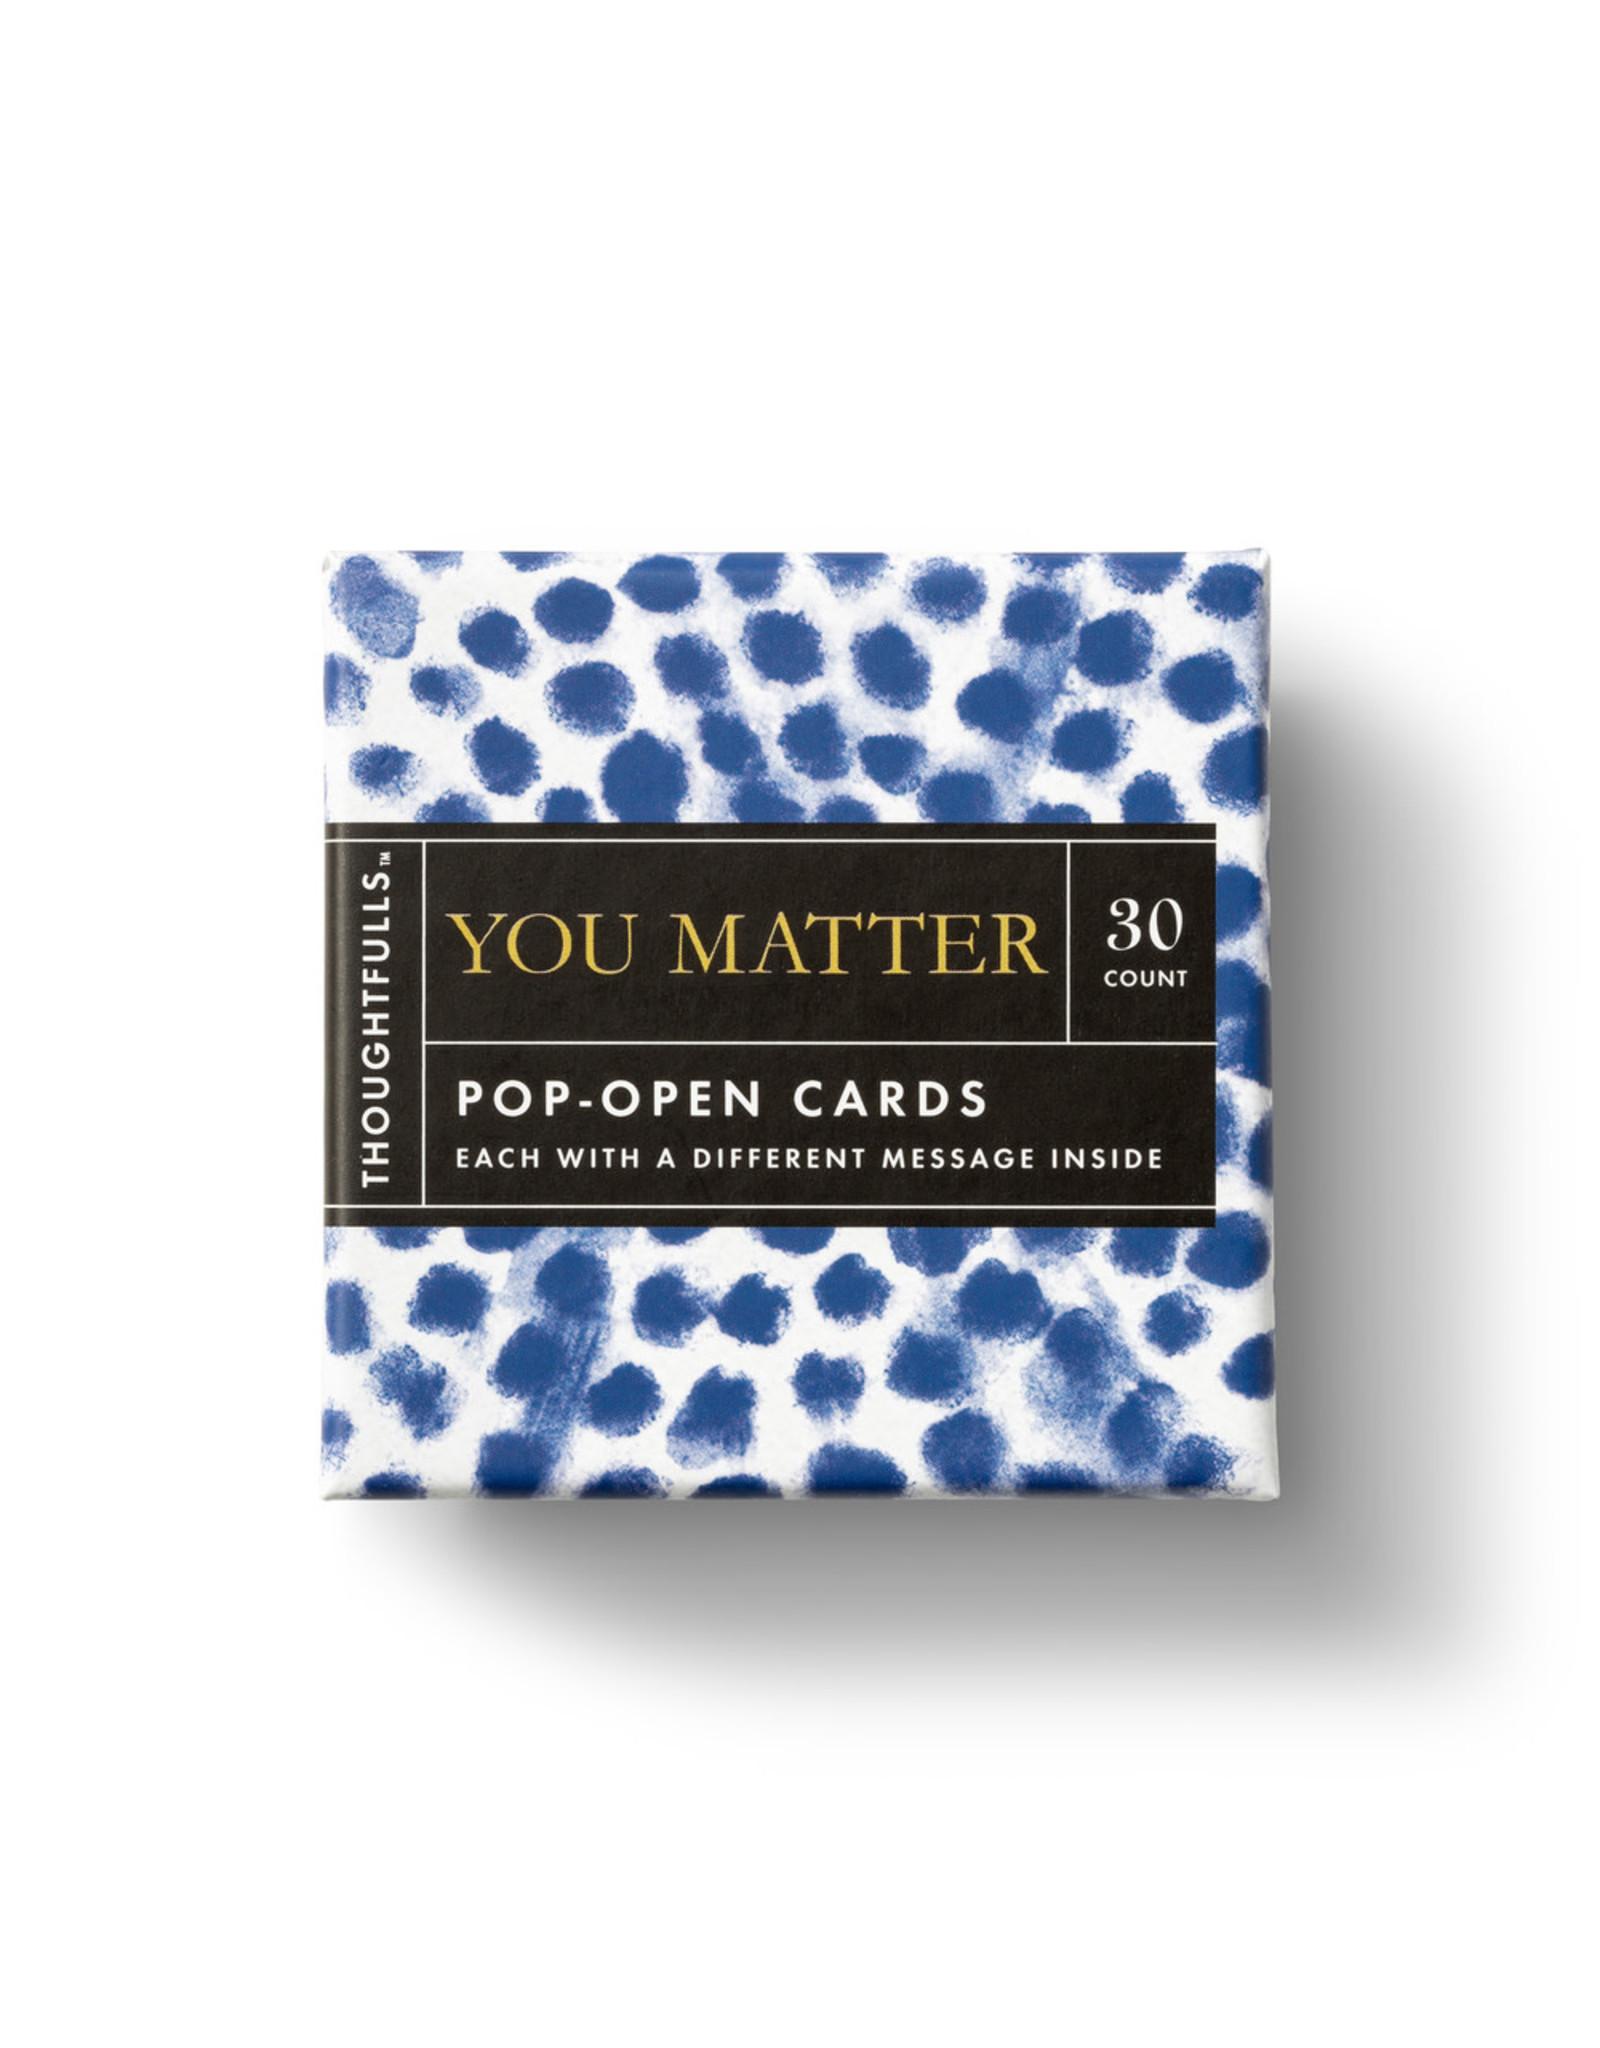 Compendium Compendium Thoughtfuls - You Matter